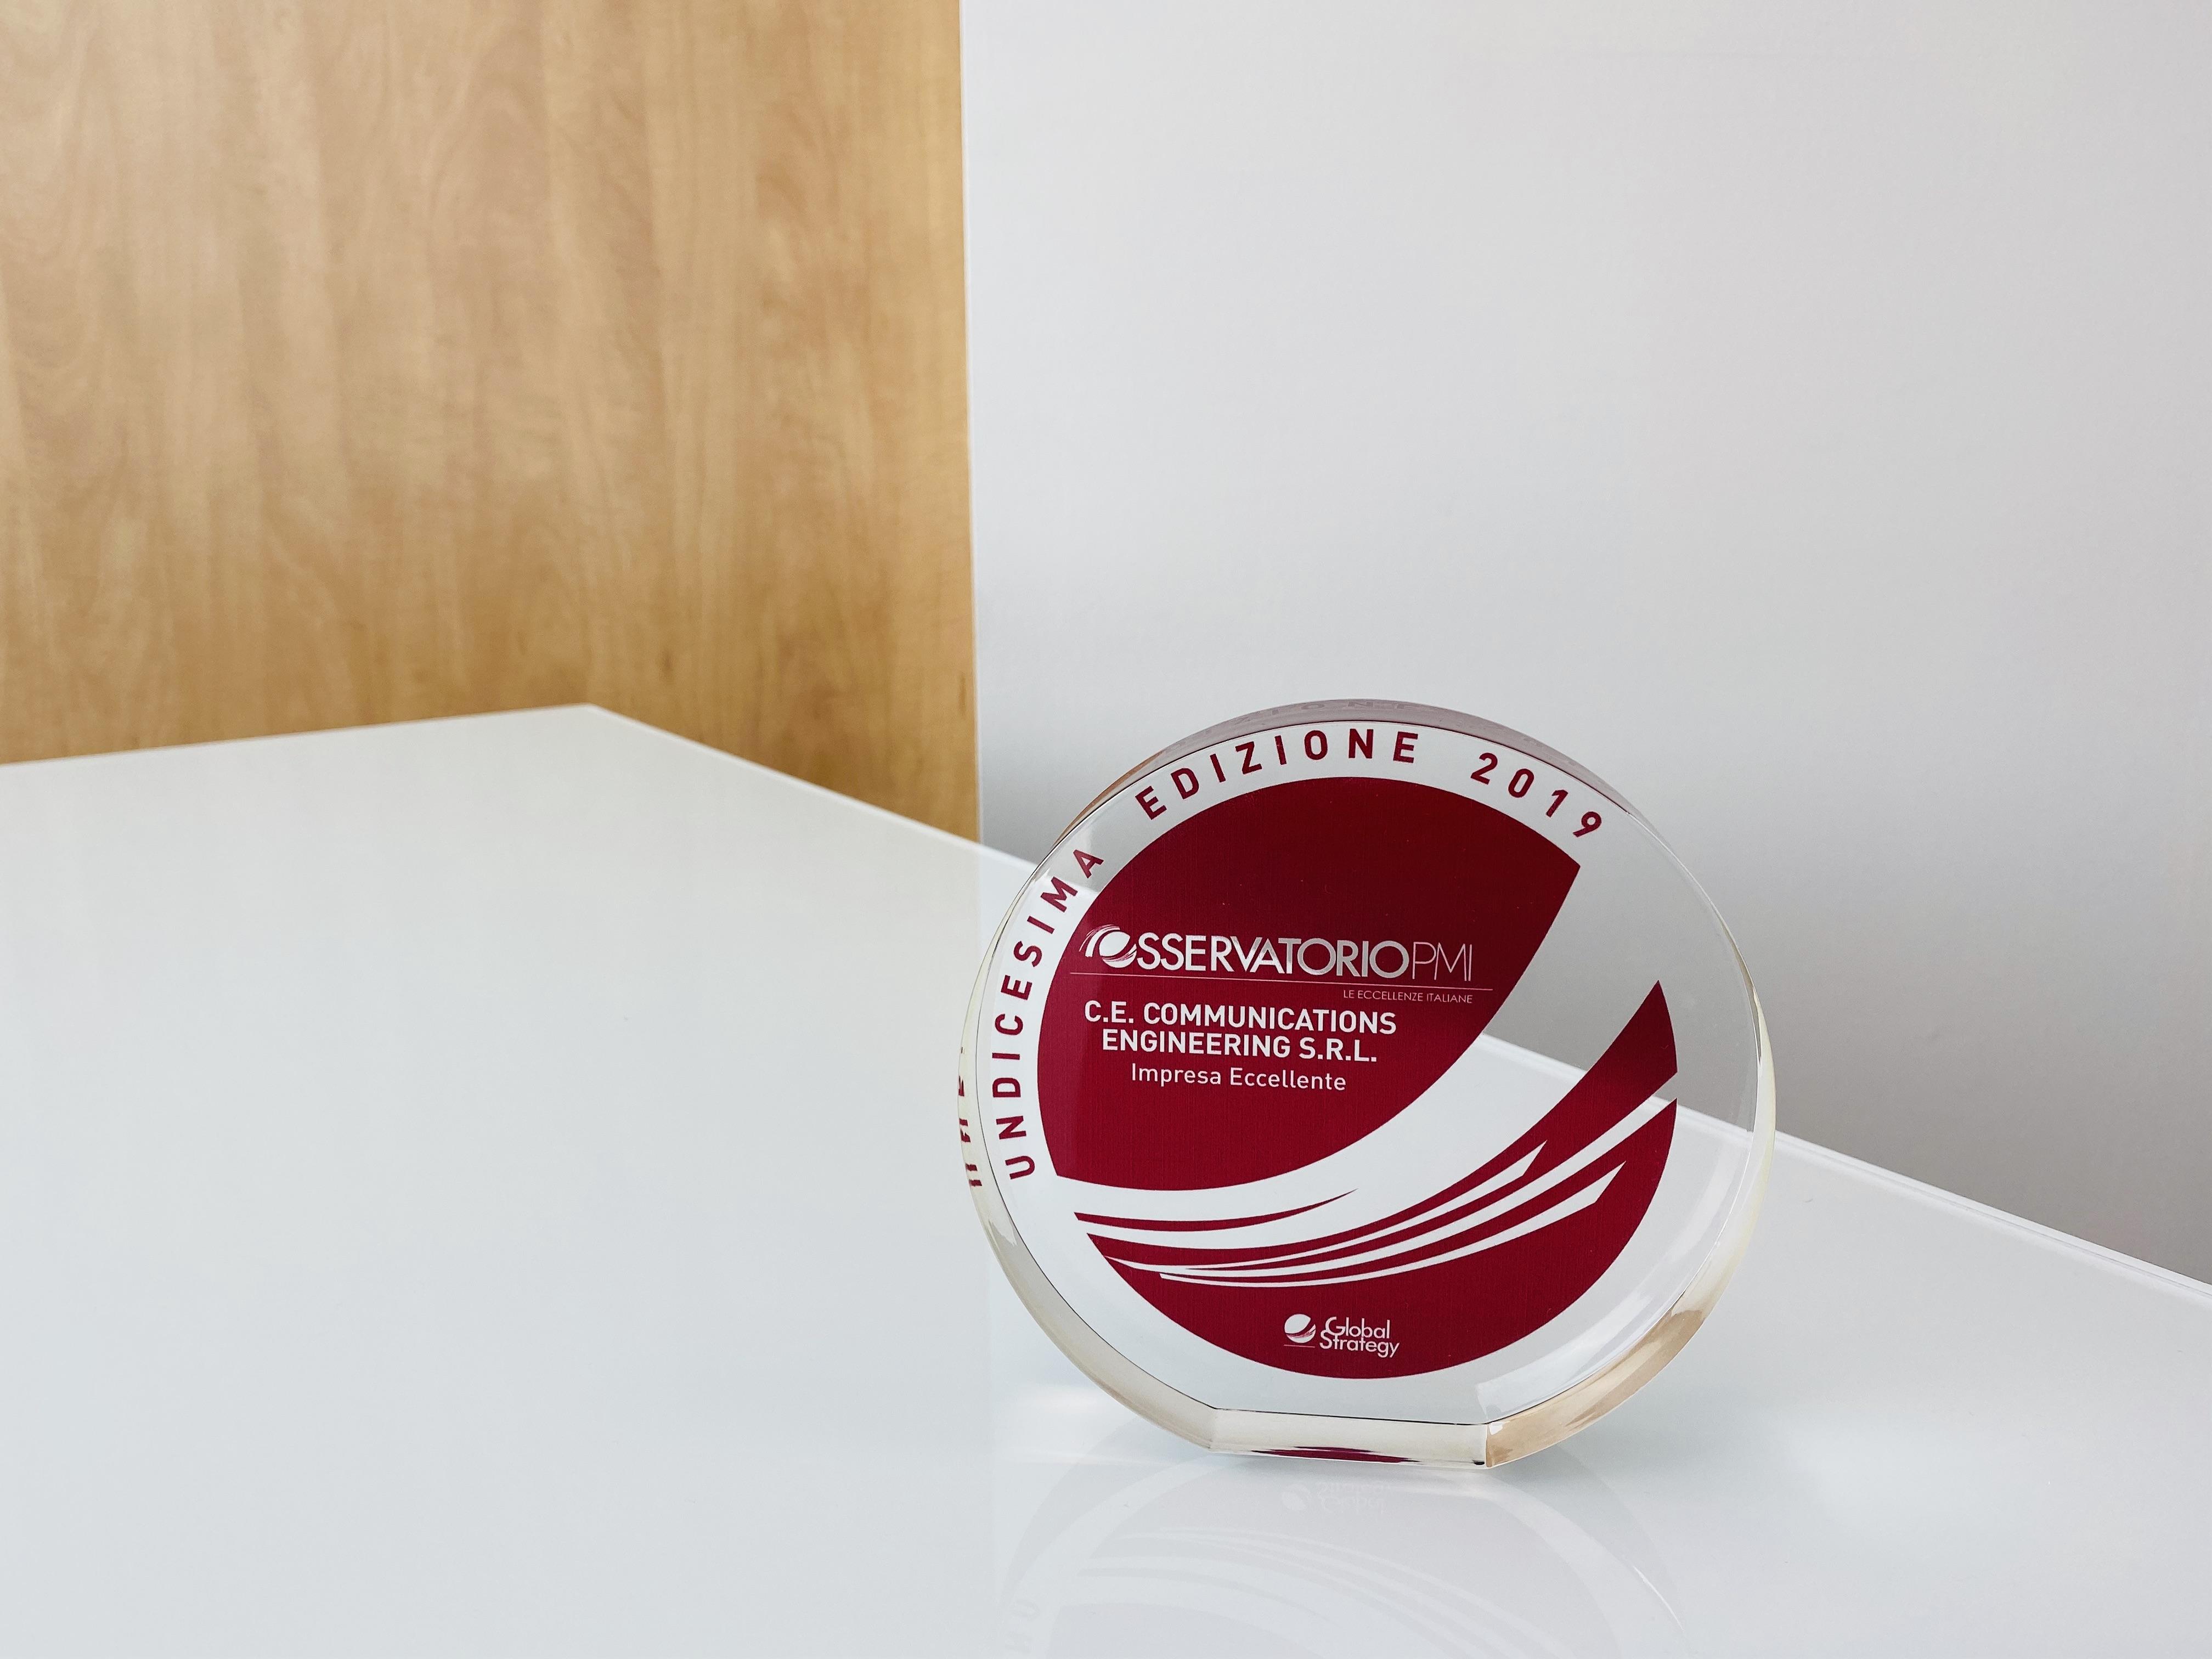 Osservatorio PMI 2019: Juice azienda da 10 e lode!Riceve il Premio Aziende Eccellenti per la seconda volta!